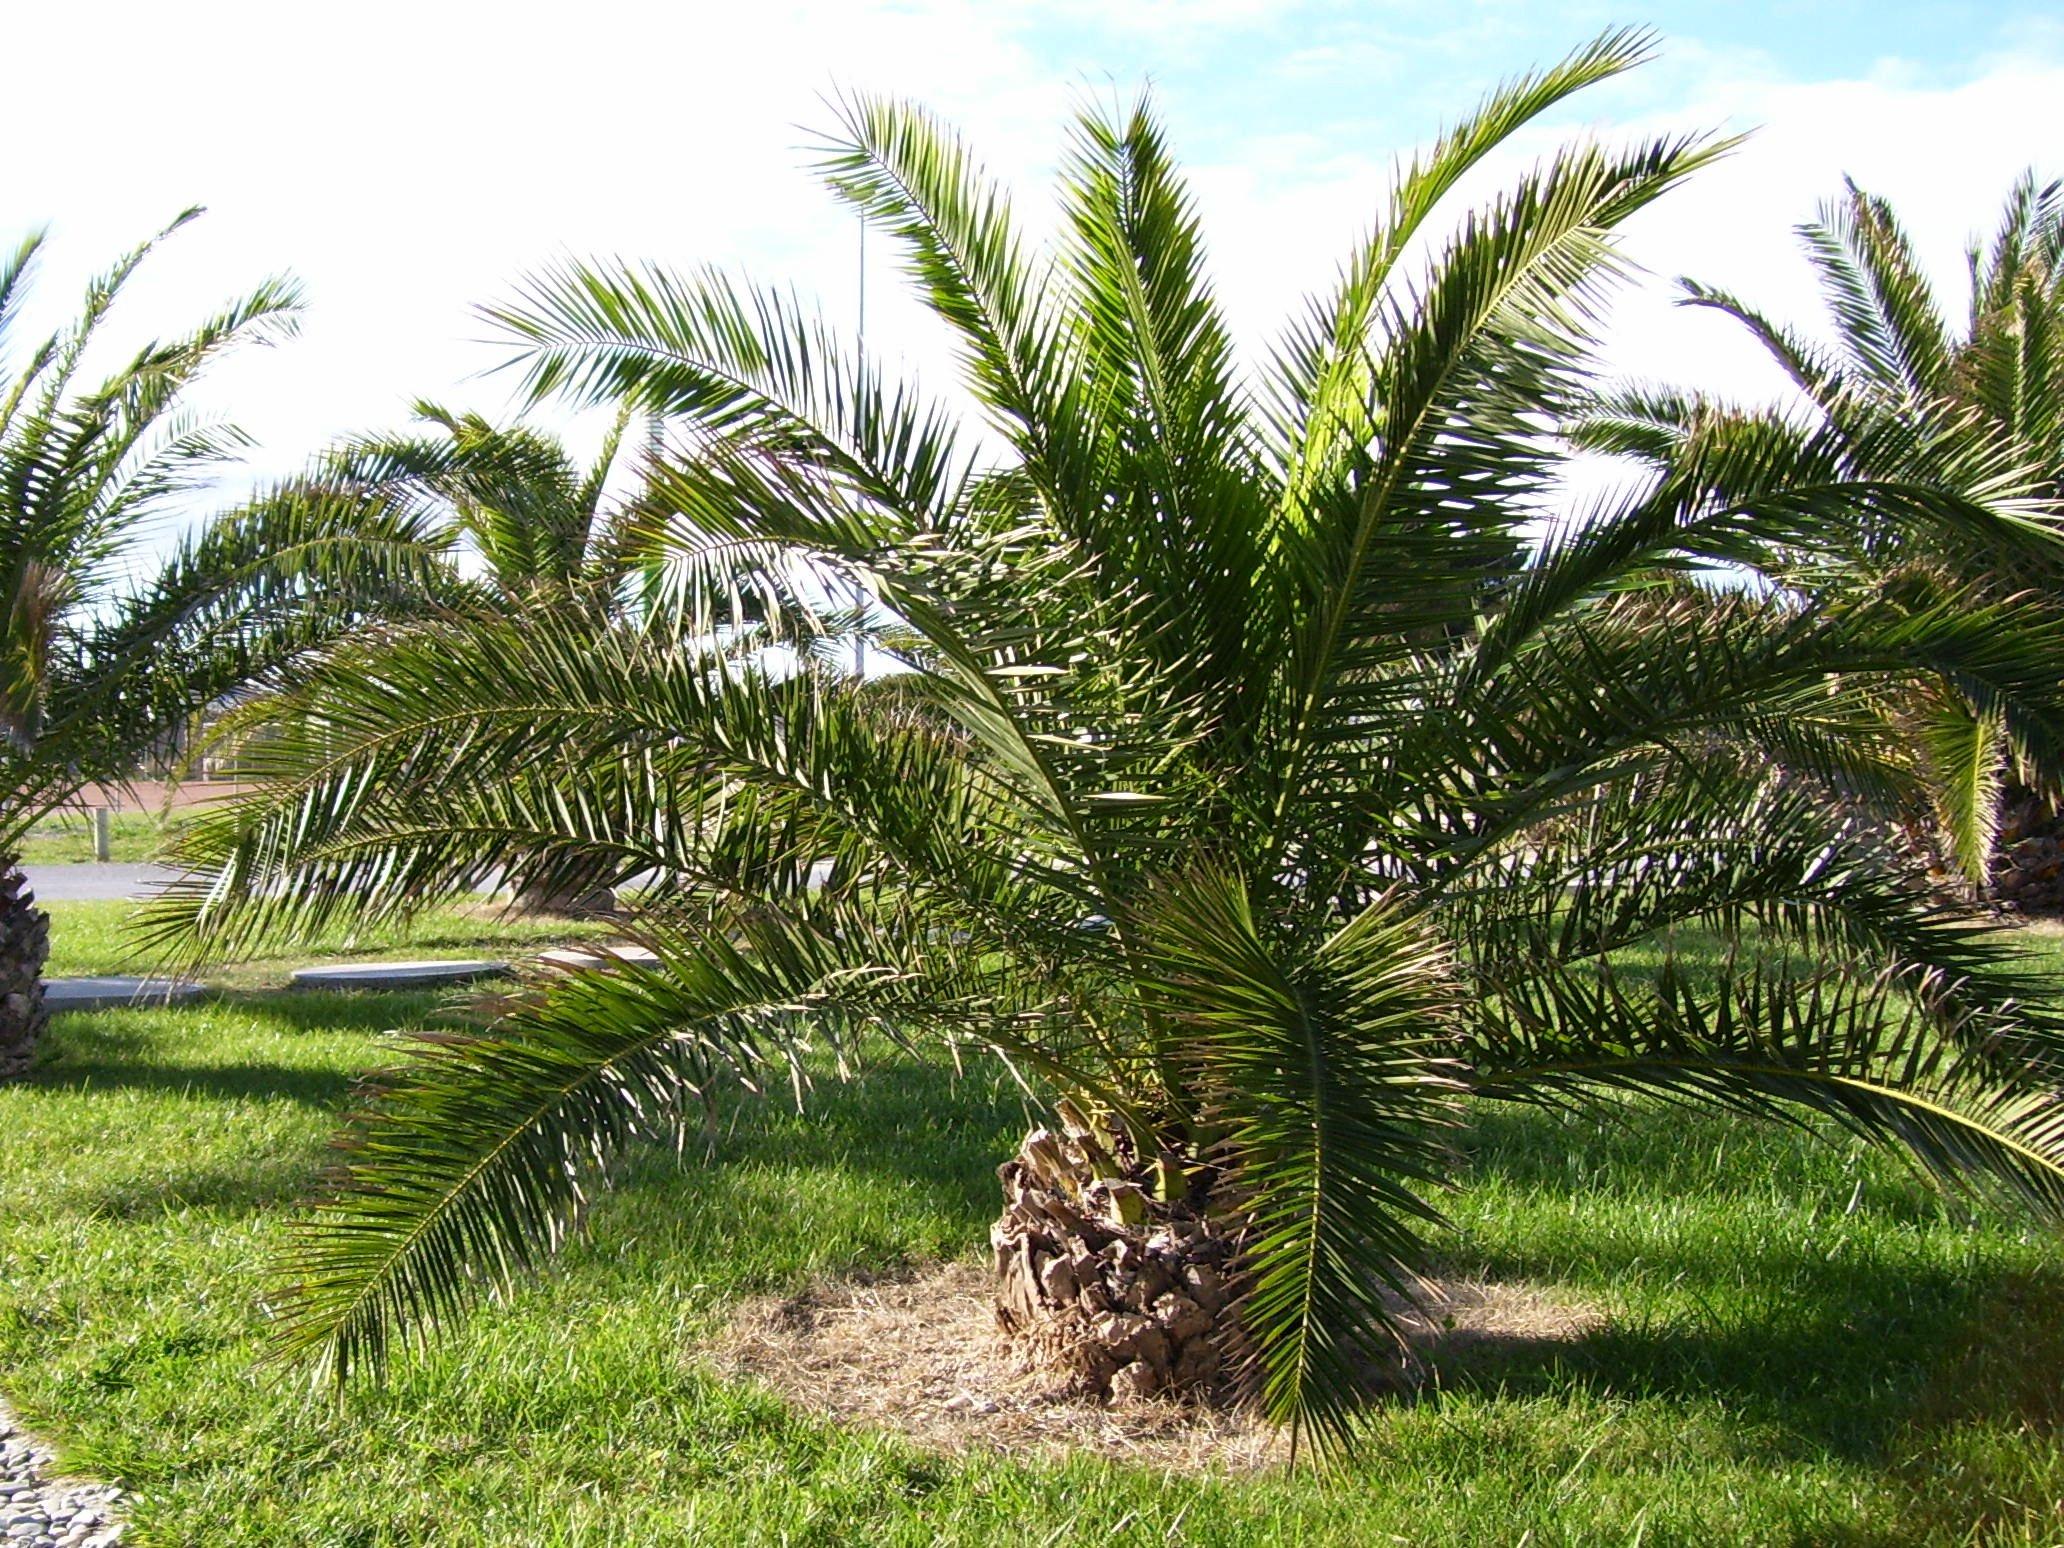 Palmiers nains - Type de palmier ...